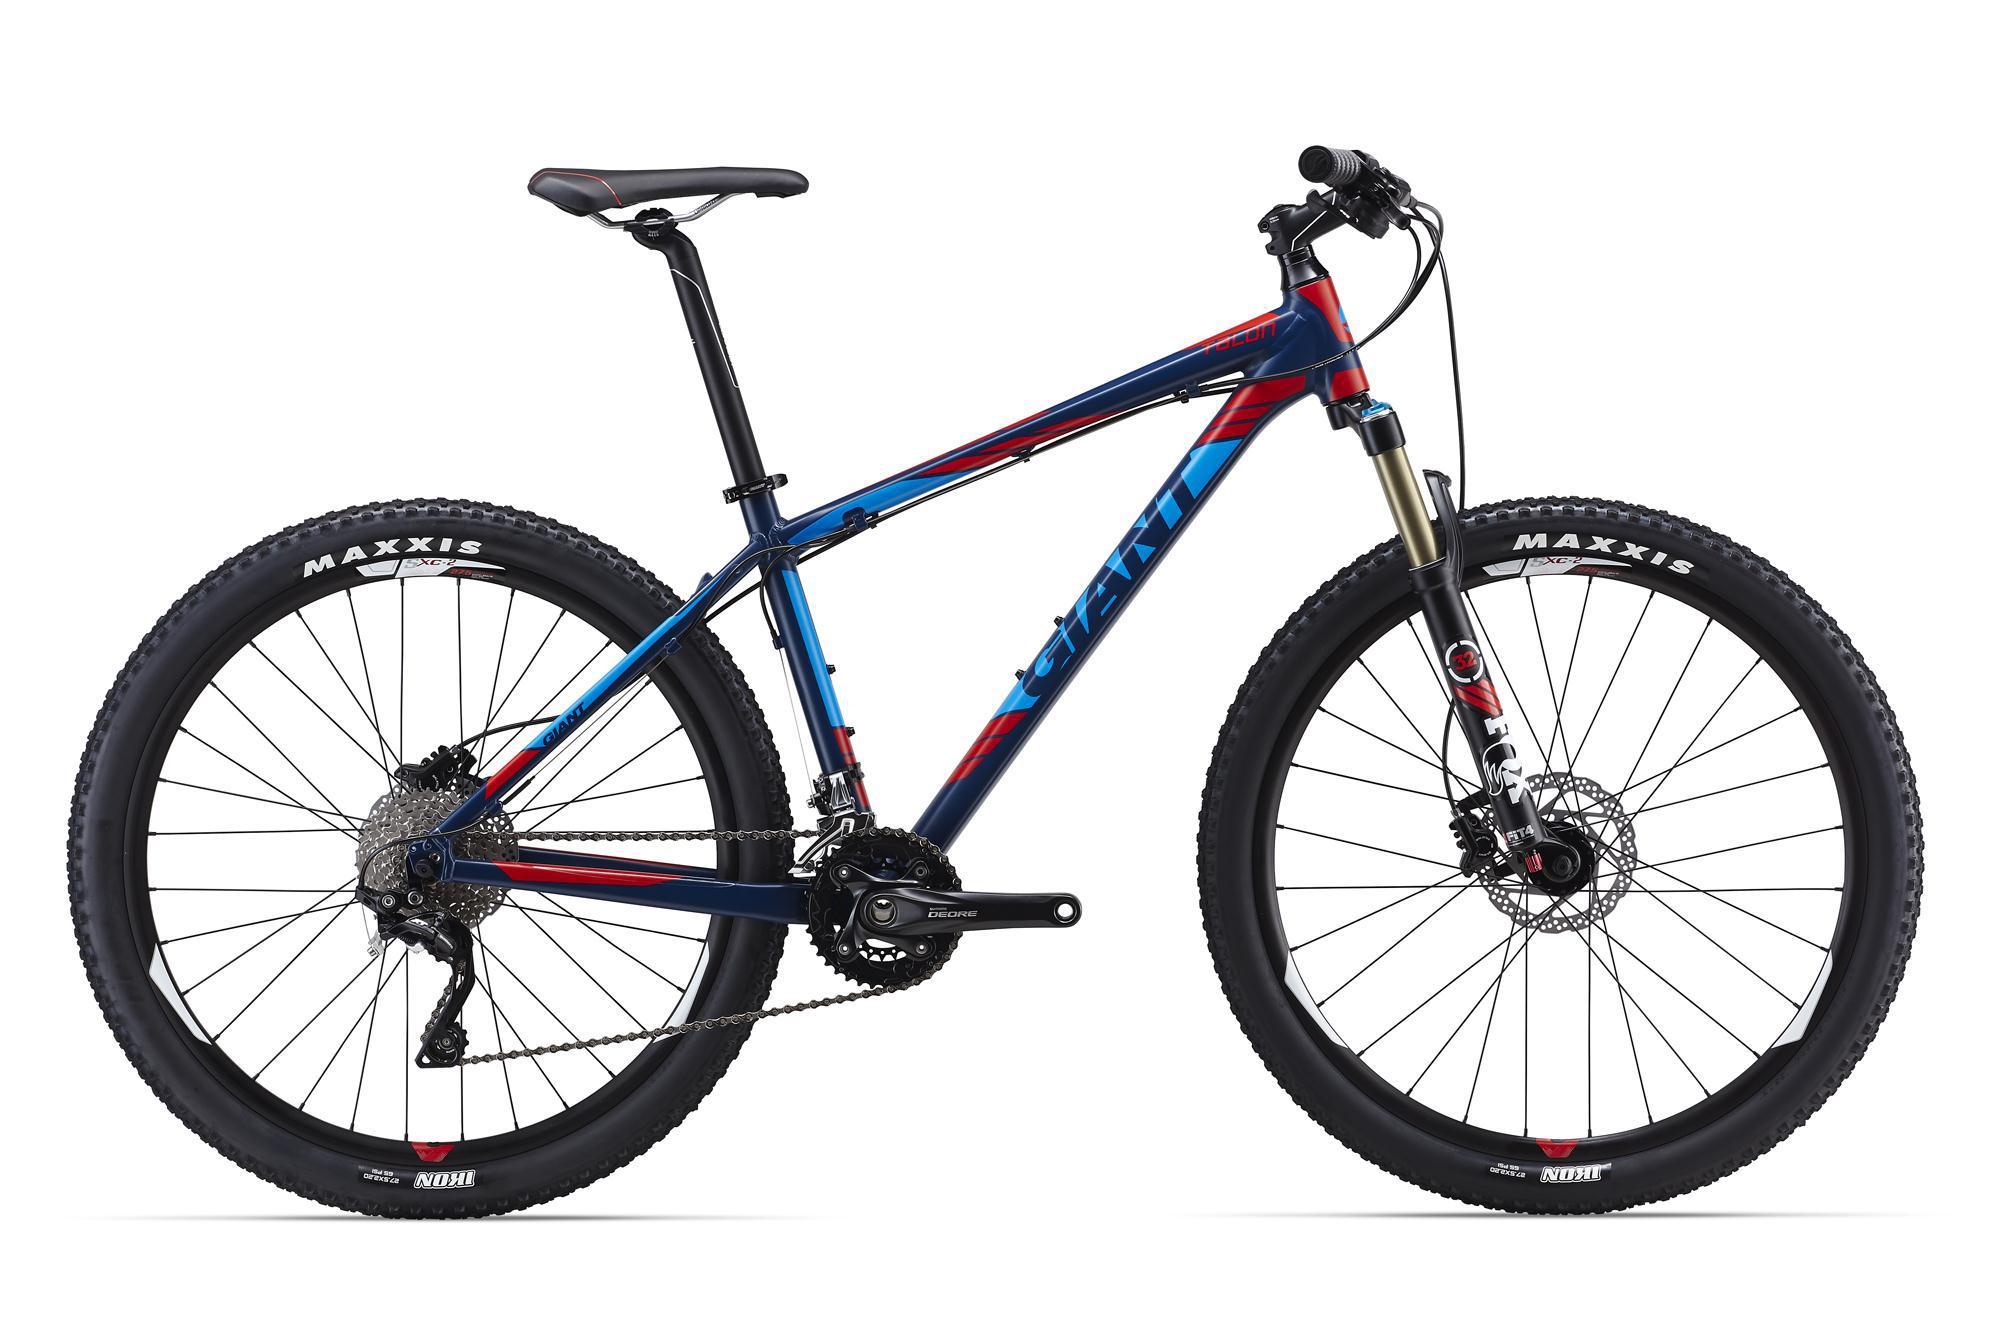 """Giant Talon 27.5 0 (2016)Горные<br>Чем больше контроля, тем больше удовольствия на трейлах. А чем больше удовольствия, тем больше прогресса! Основываясь на этом, Giant разработали раму Talon 27.5. Это понятный и сбалансированный велосипед с самыми современными колесами размера 27,5"""" и специально разработанной под них геометрией. Быстрые повороты, легкость даже на самых крутых подъемах, контроль на сложных спусках – это все про него.<br>В самой верхней комплектации Talon 27.5 0 получил продуманный набор компонентов, которые позволят еще долго не задумываться об апгрейде: легкая воздушная вилка с кучей настроек Fox 32 Float Performance, привод 2х10 Shimano Deore/XT и дисковая гидравлика Shimano Deore. Он на 100% готов покорять новые вершины.<br>"""